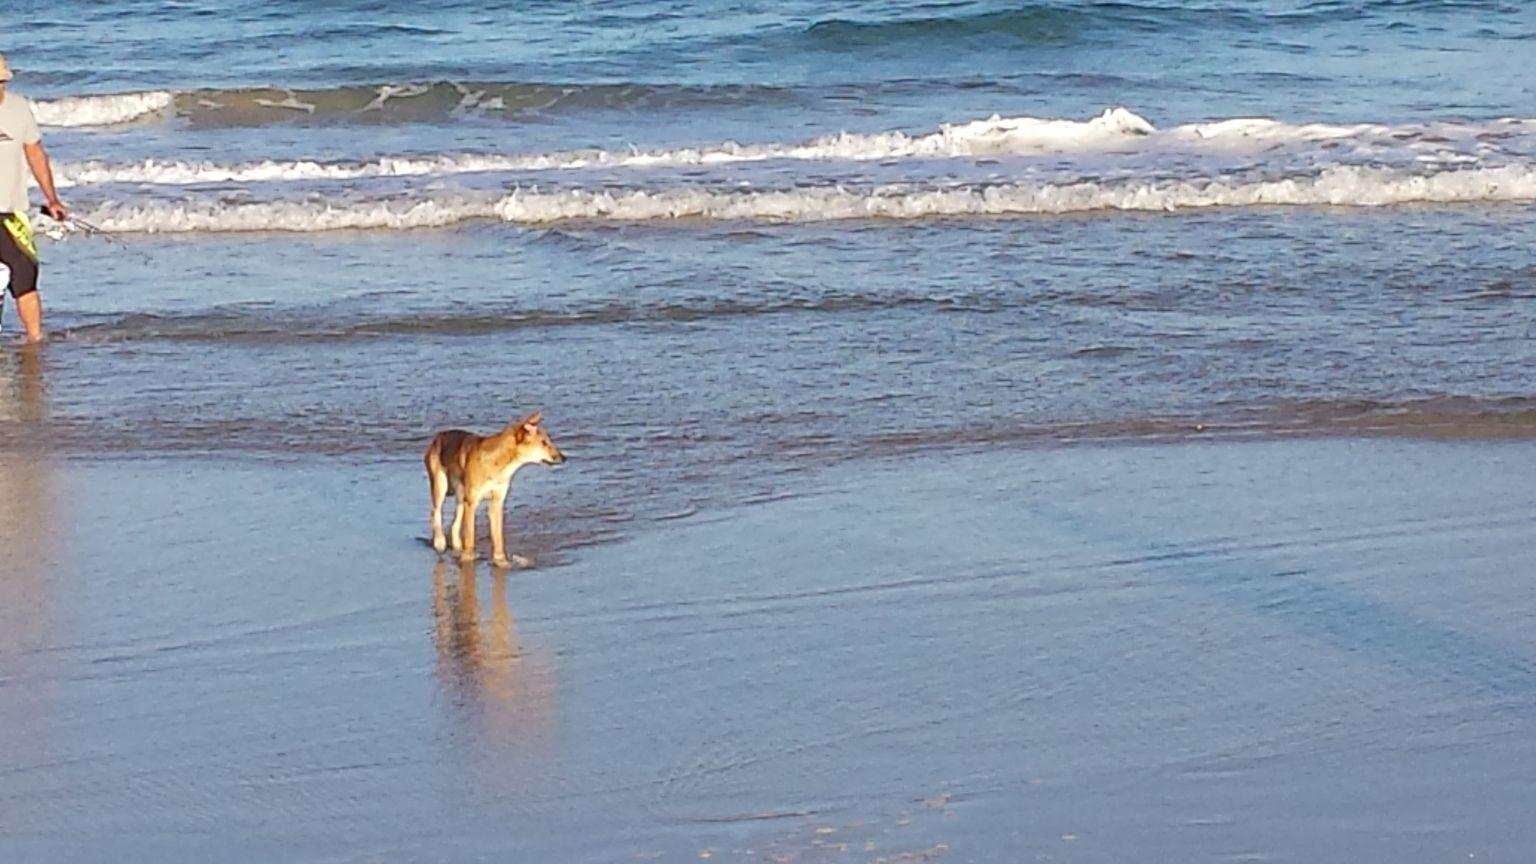 MÁS FOTOS, Excursión de 2 días a la isla Fraser en vehículo 4X4 desde Brisbane o Gold Coast